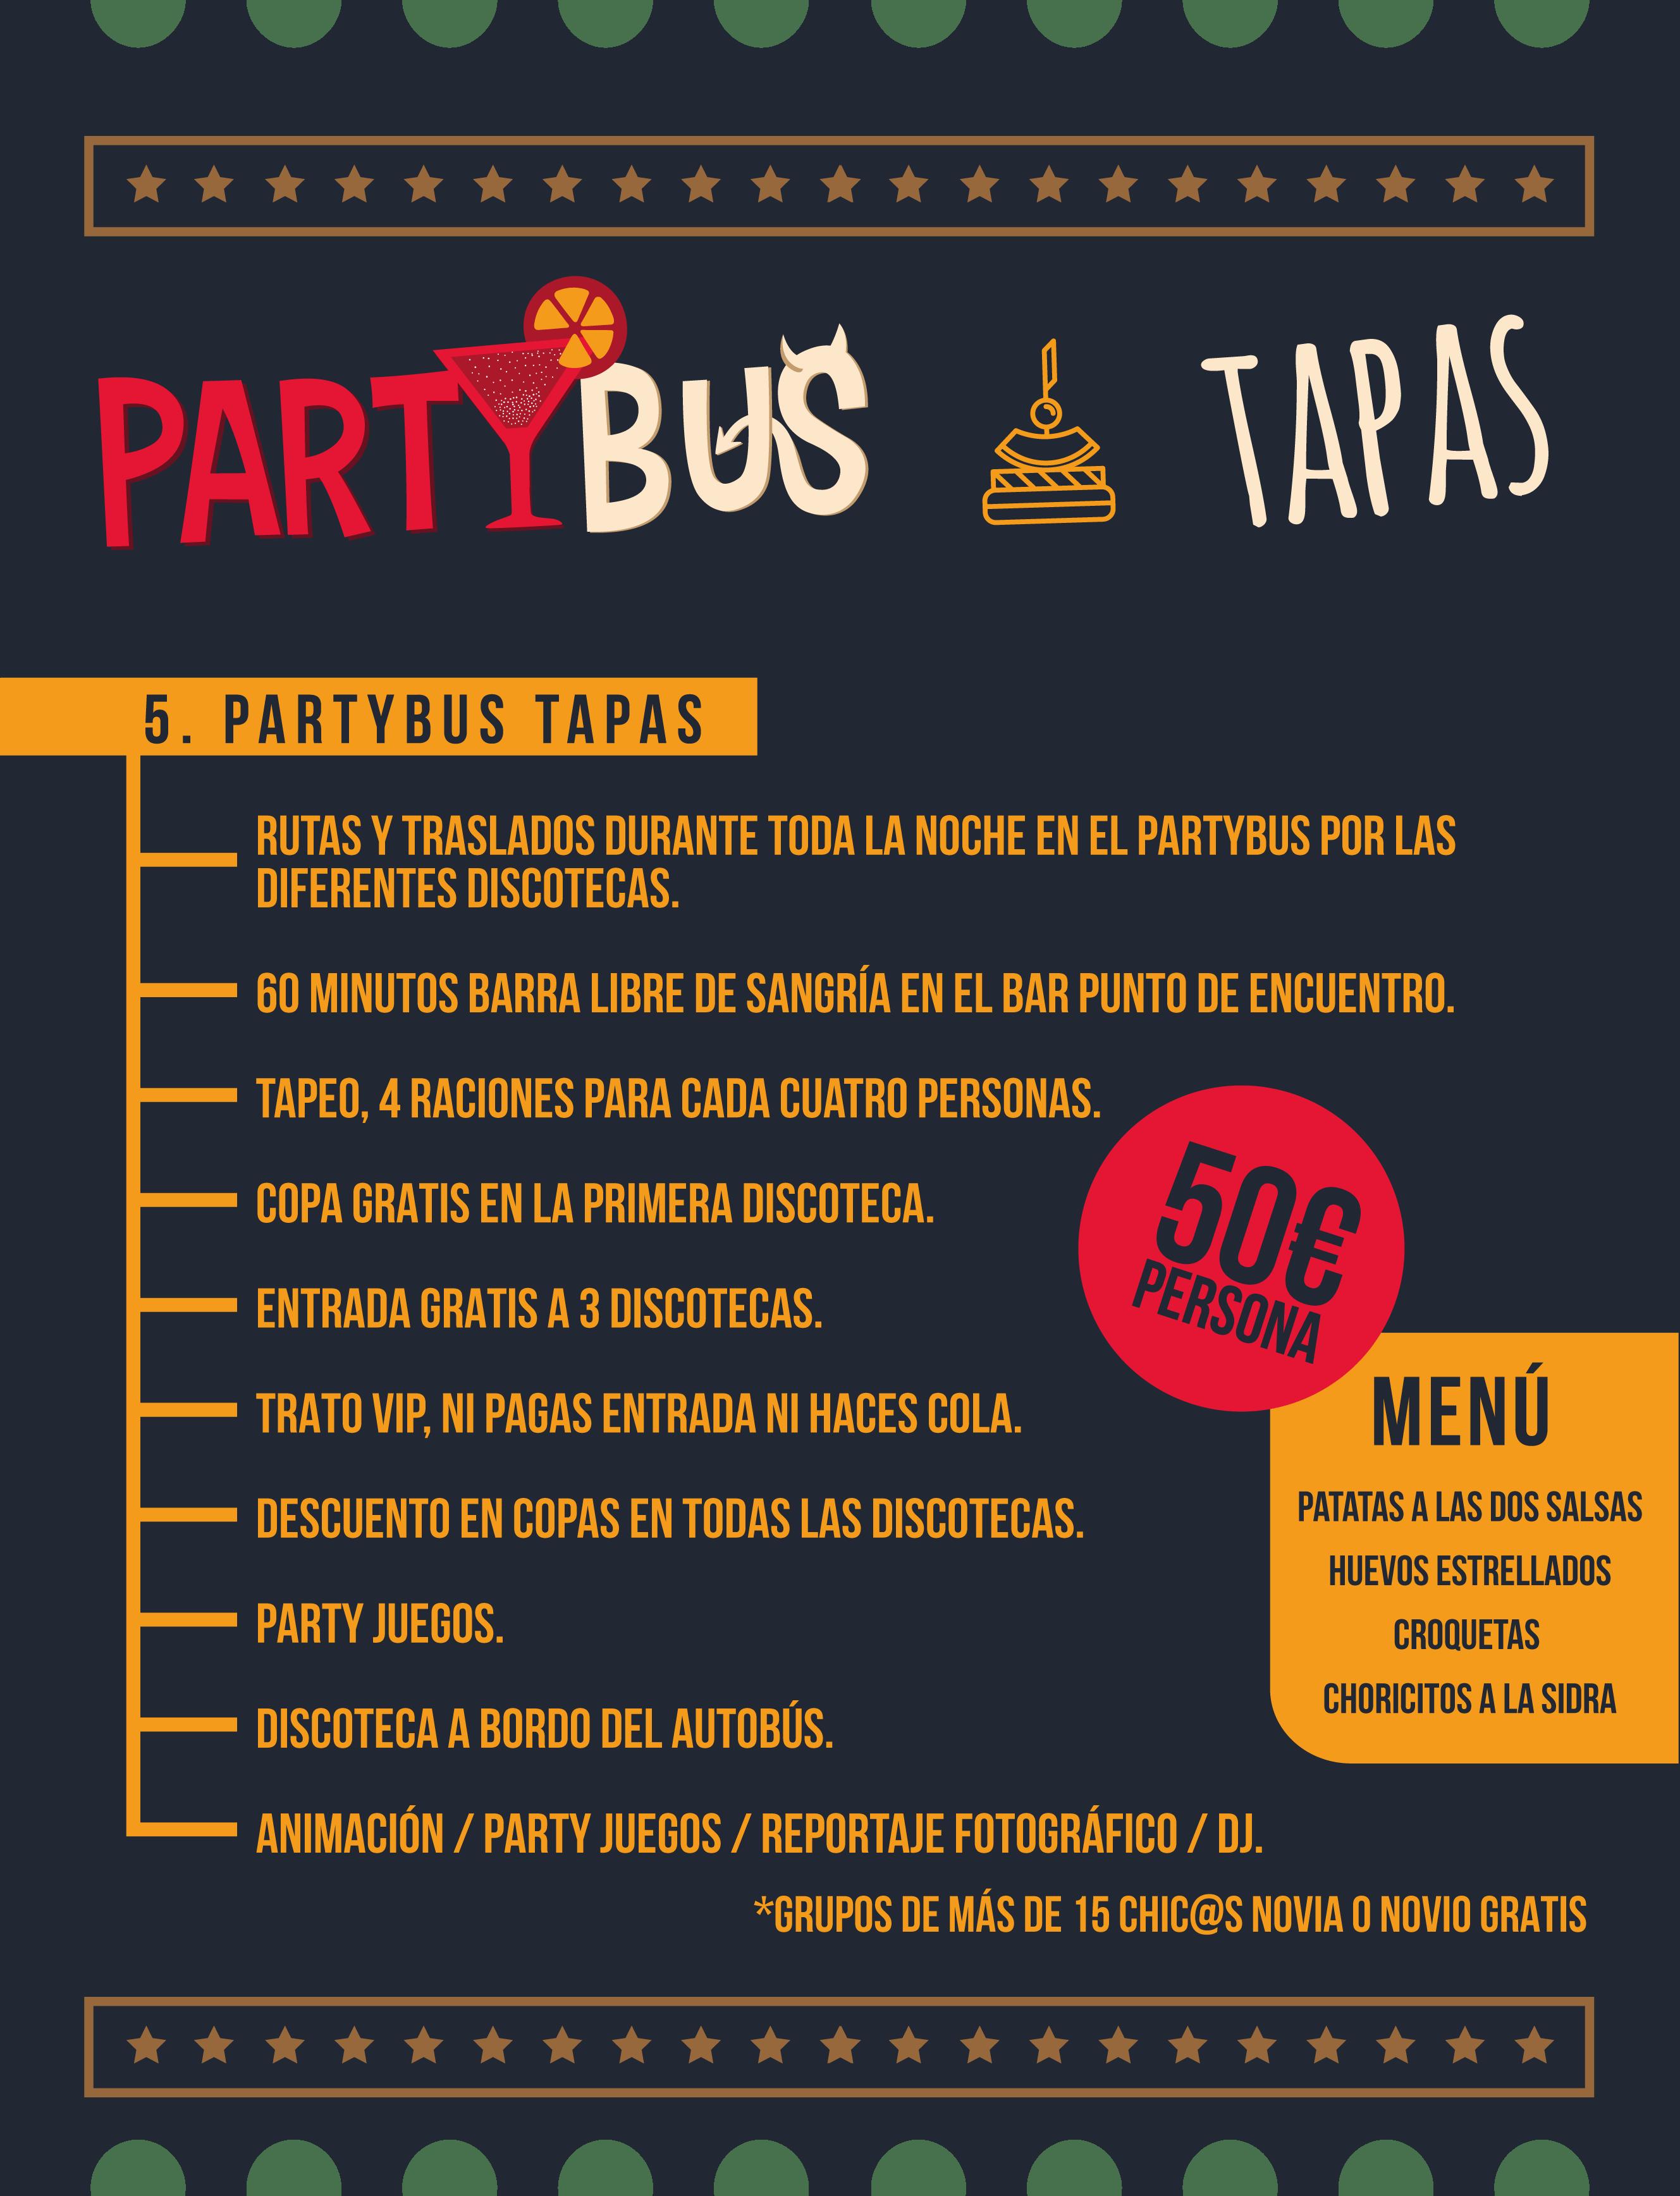 Partybus Tapas